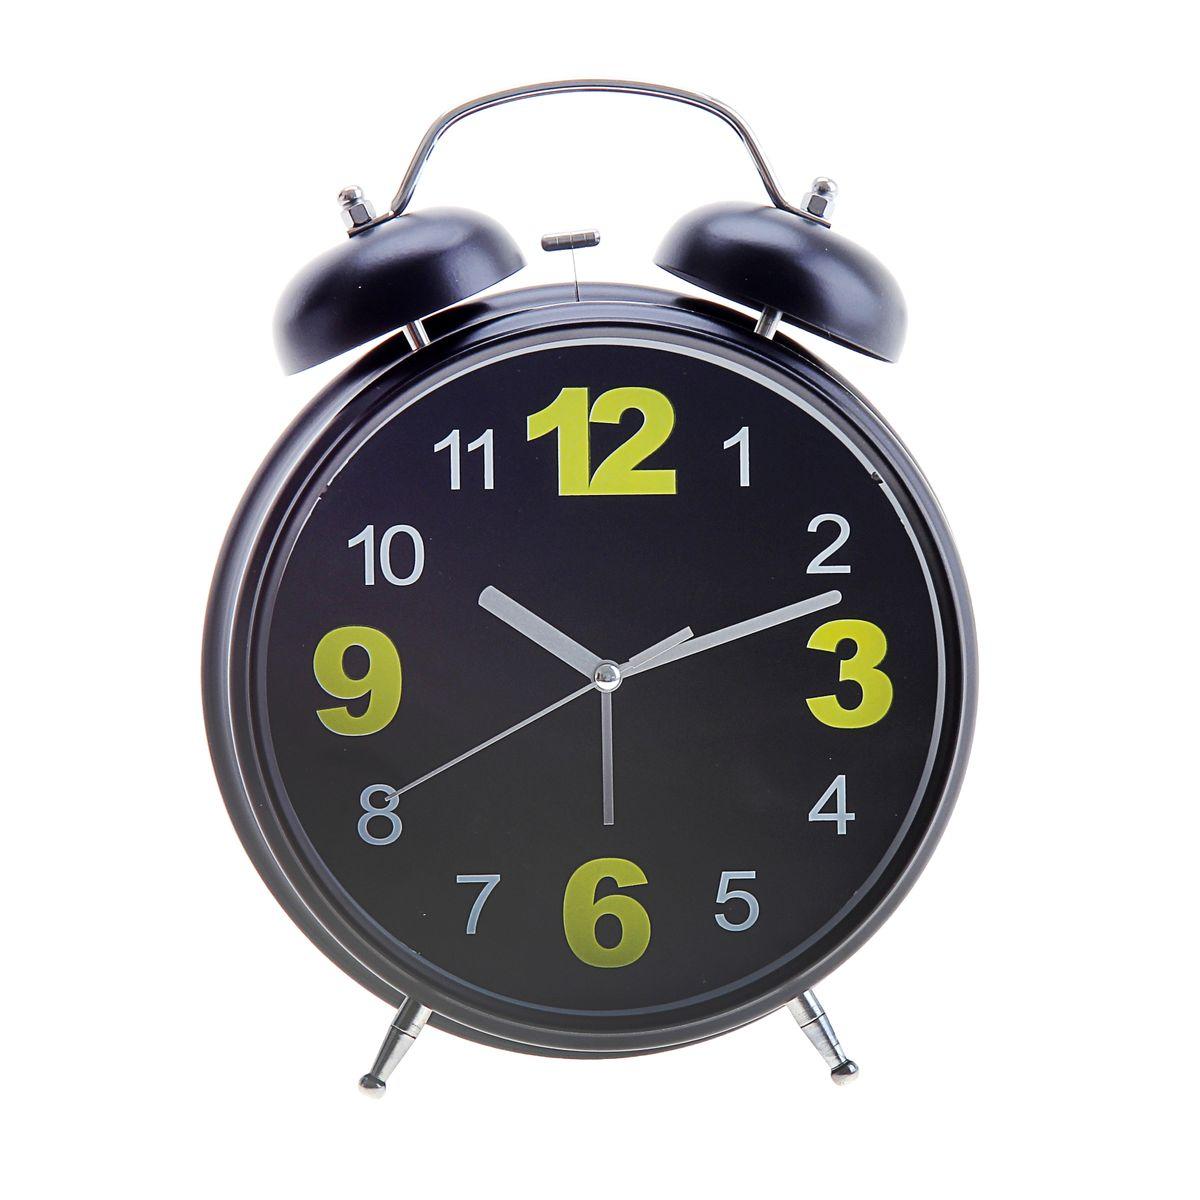 Часы-будильник Sima-land, цвет: черный. 669611669611Как же сложно иногда вставать вовремя! Всегда так хочется поспать еще хотя бы 5минут и бывает, что мы просыпаем. Теперь этого не случится! Яркий, оригинальныйбудильник Sima-land поможет вам всегда вставать в нужноевремя и успевать везде и всюду. Корпус будильника выполнен из металла. Циферблат имеет индикацию арабскимицифрами. Часы снабжены 4 стрелками (секундная, минутная, часовая идля будильника). На задней панели будильника расположен переключательвключения/выключения механизма, а также два колесика для настройки текущеговремени и времени звонка будильника. Также будильник оснащенкнопкой, при нажатии которой подсвечивается циферблат. Пользоваться будильником очень легко: нужно всего лишь поставить батарейки,настроить точное время и установить время звонка.Необходимо докупить 3 батарейки типа АА (не входят в комплект).